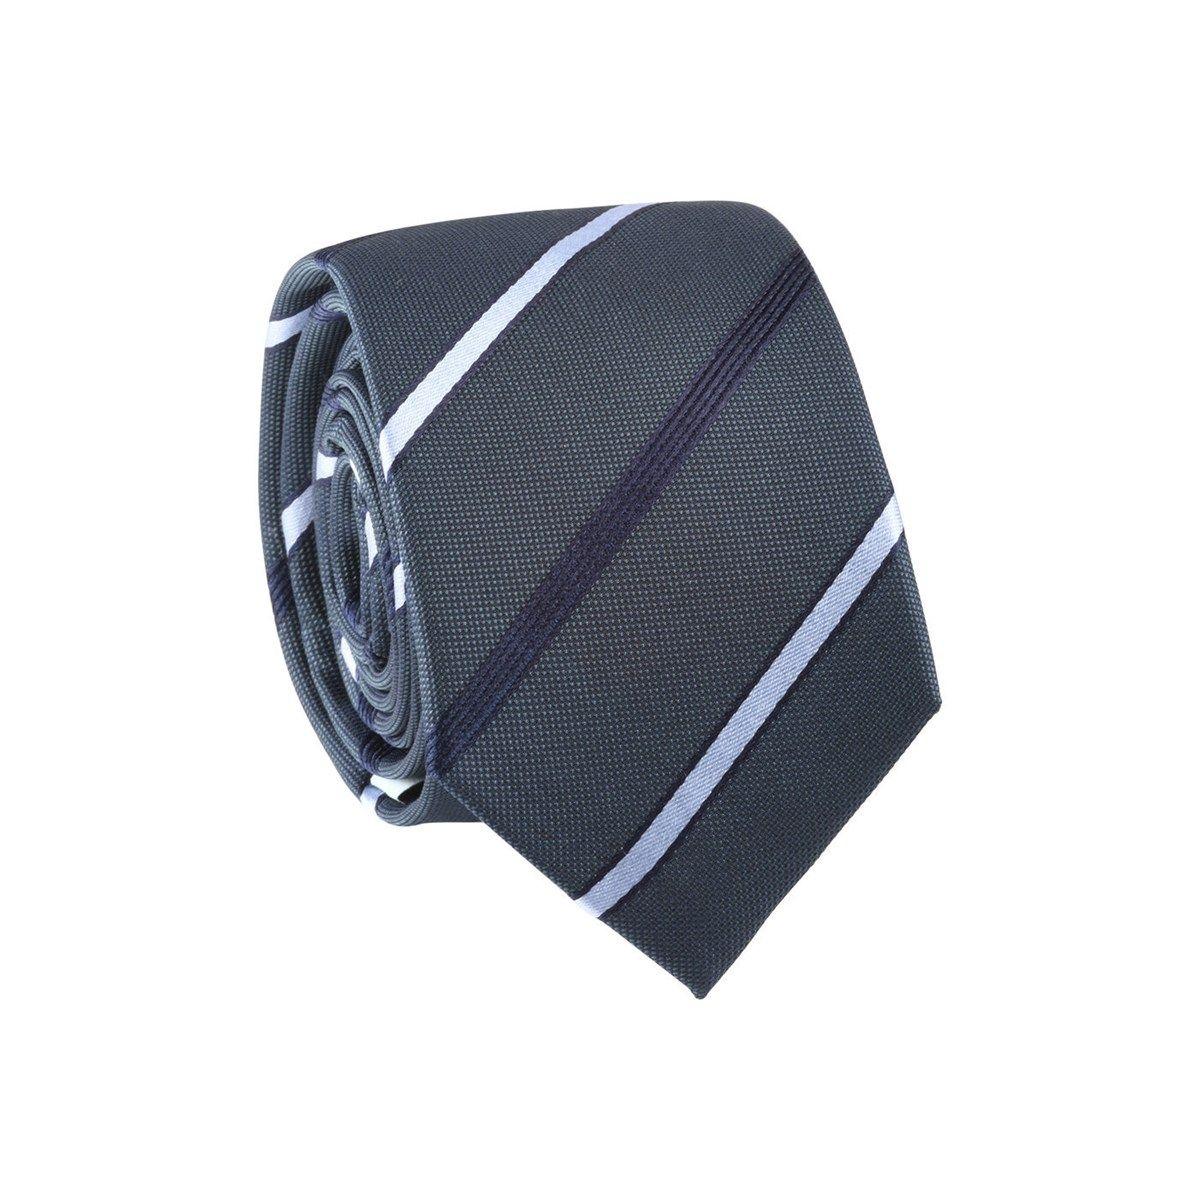 Cravate rayée 100% soie